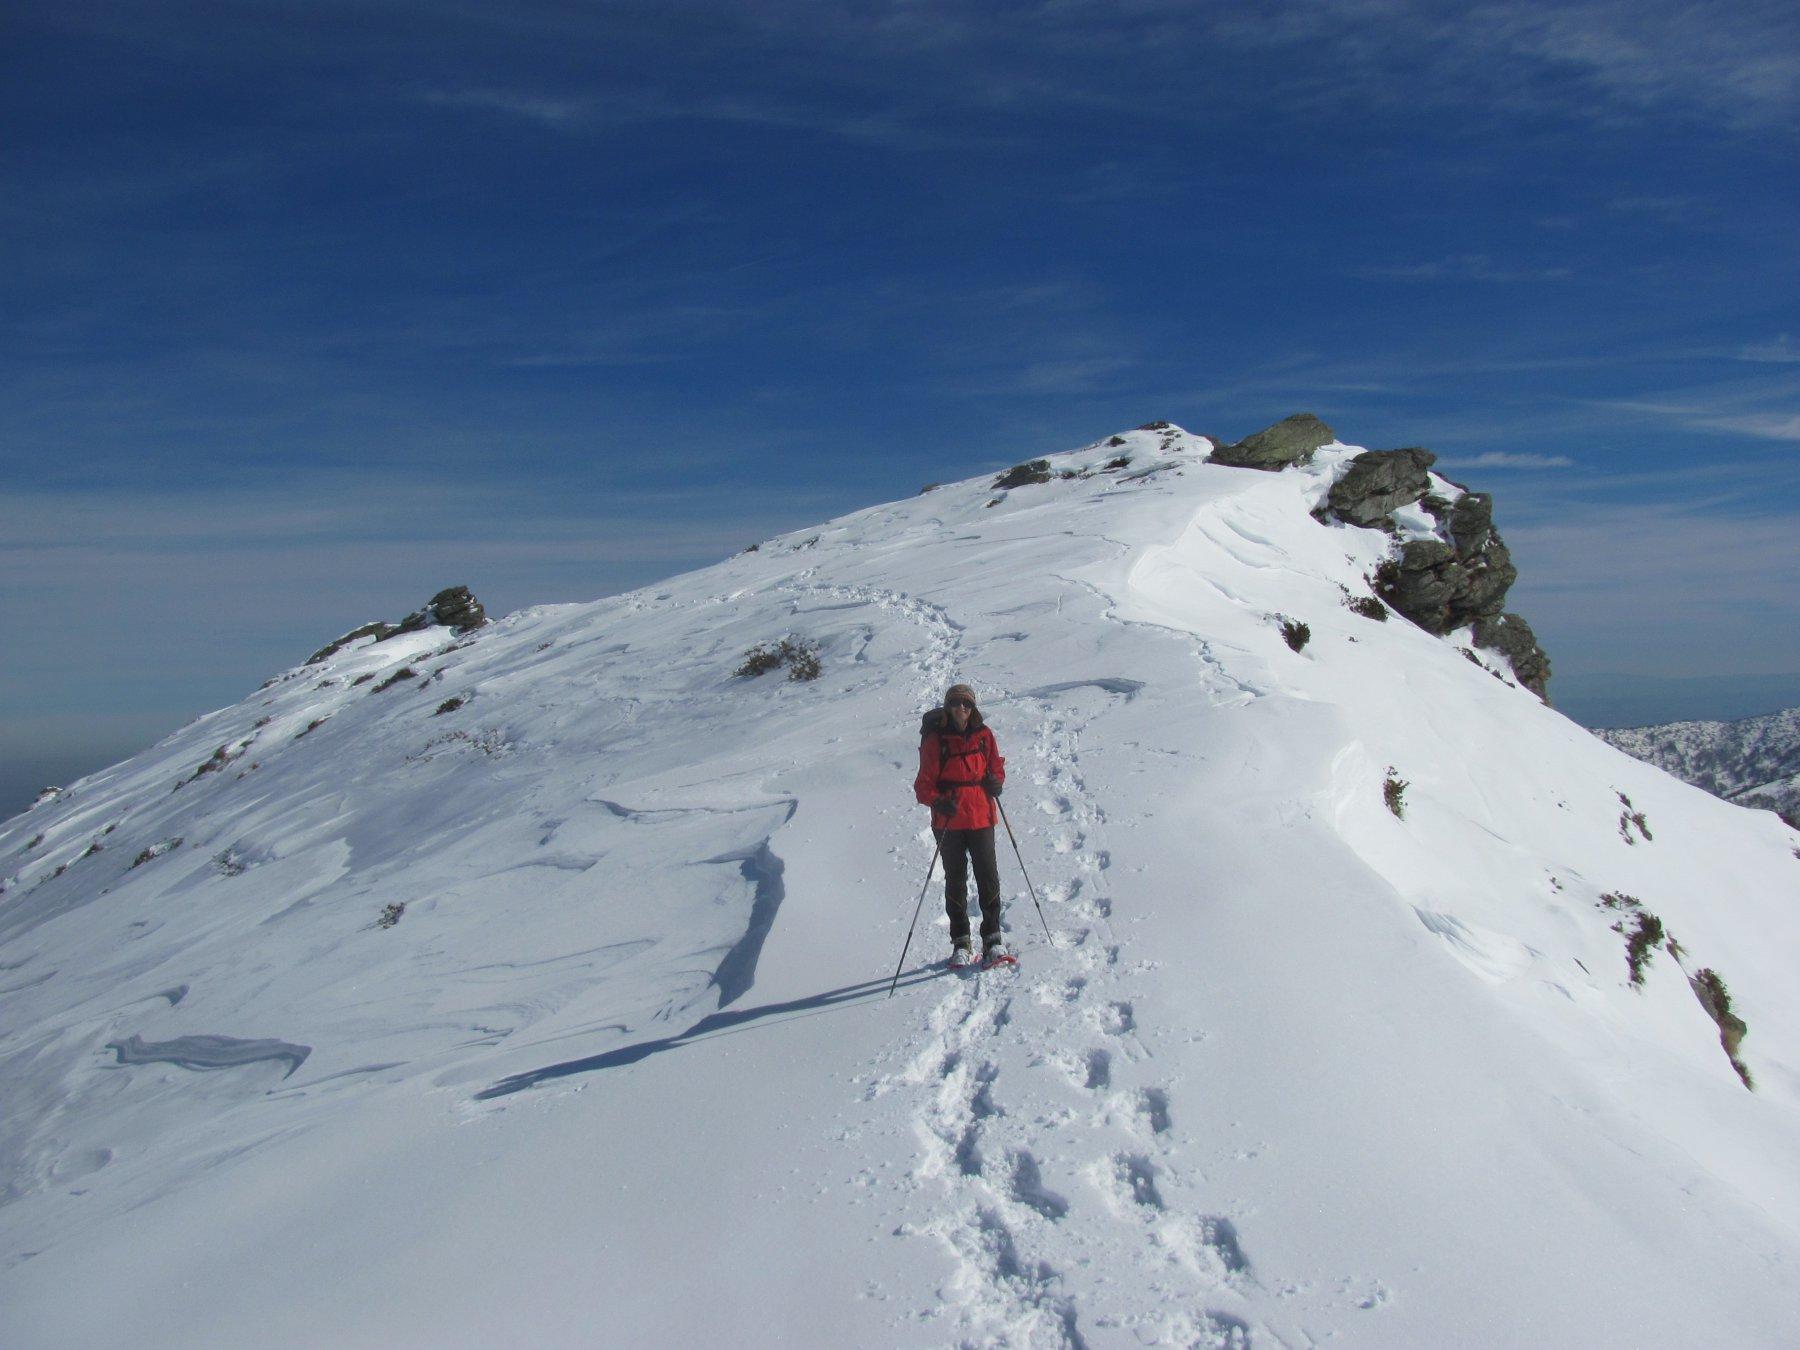 tornando; si puo' notare che in cresta non c'è molta neve